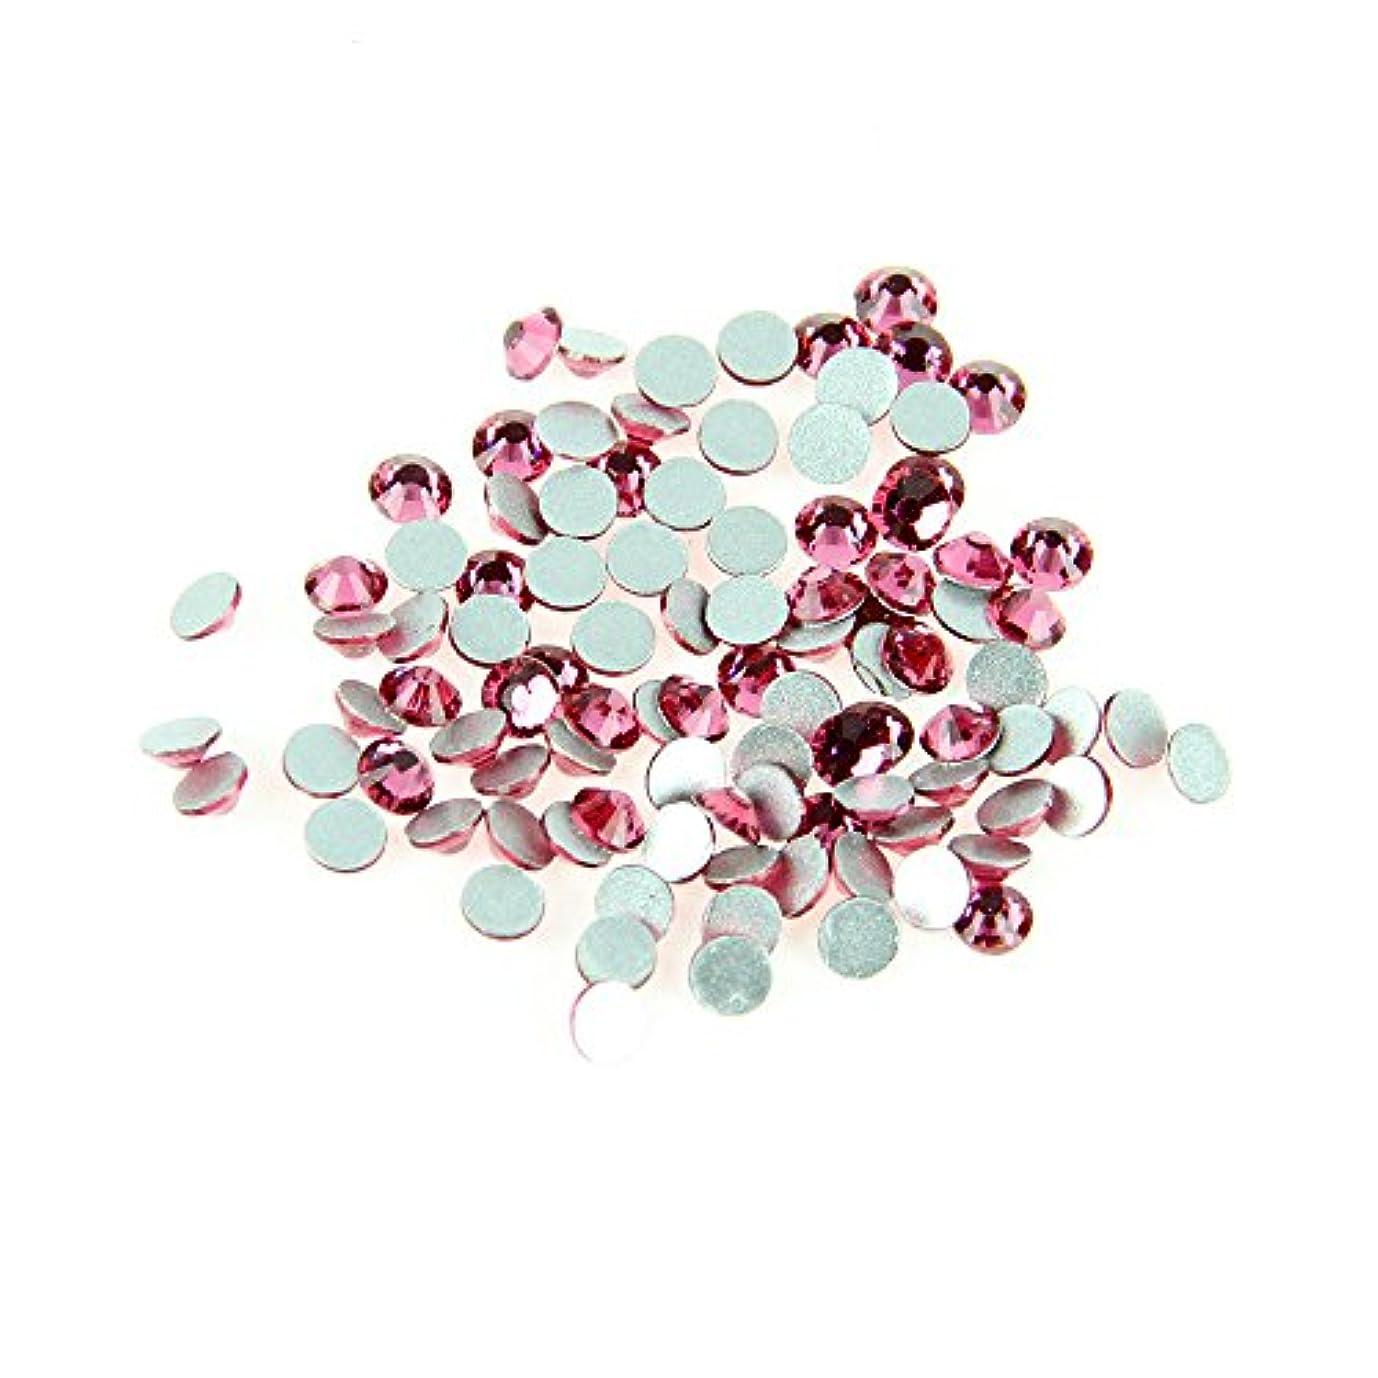 を必要としていますハンサム悲しいガラス製ラインストーン rose ローズ 1440粒 (3.0mm (SS12) 約1440粒) [並行輸入品]